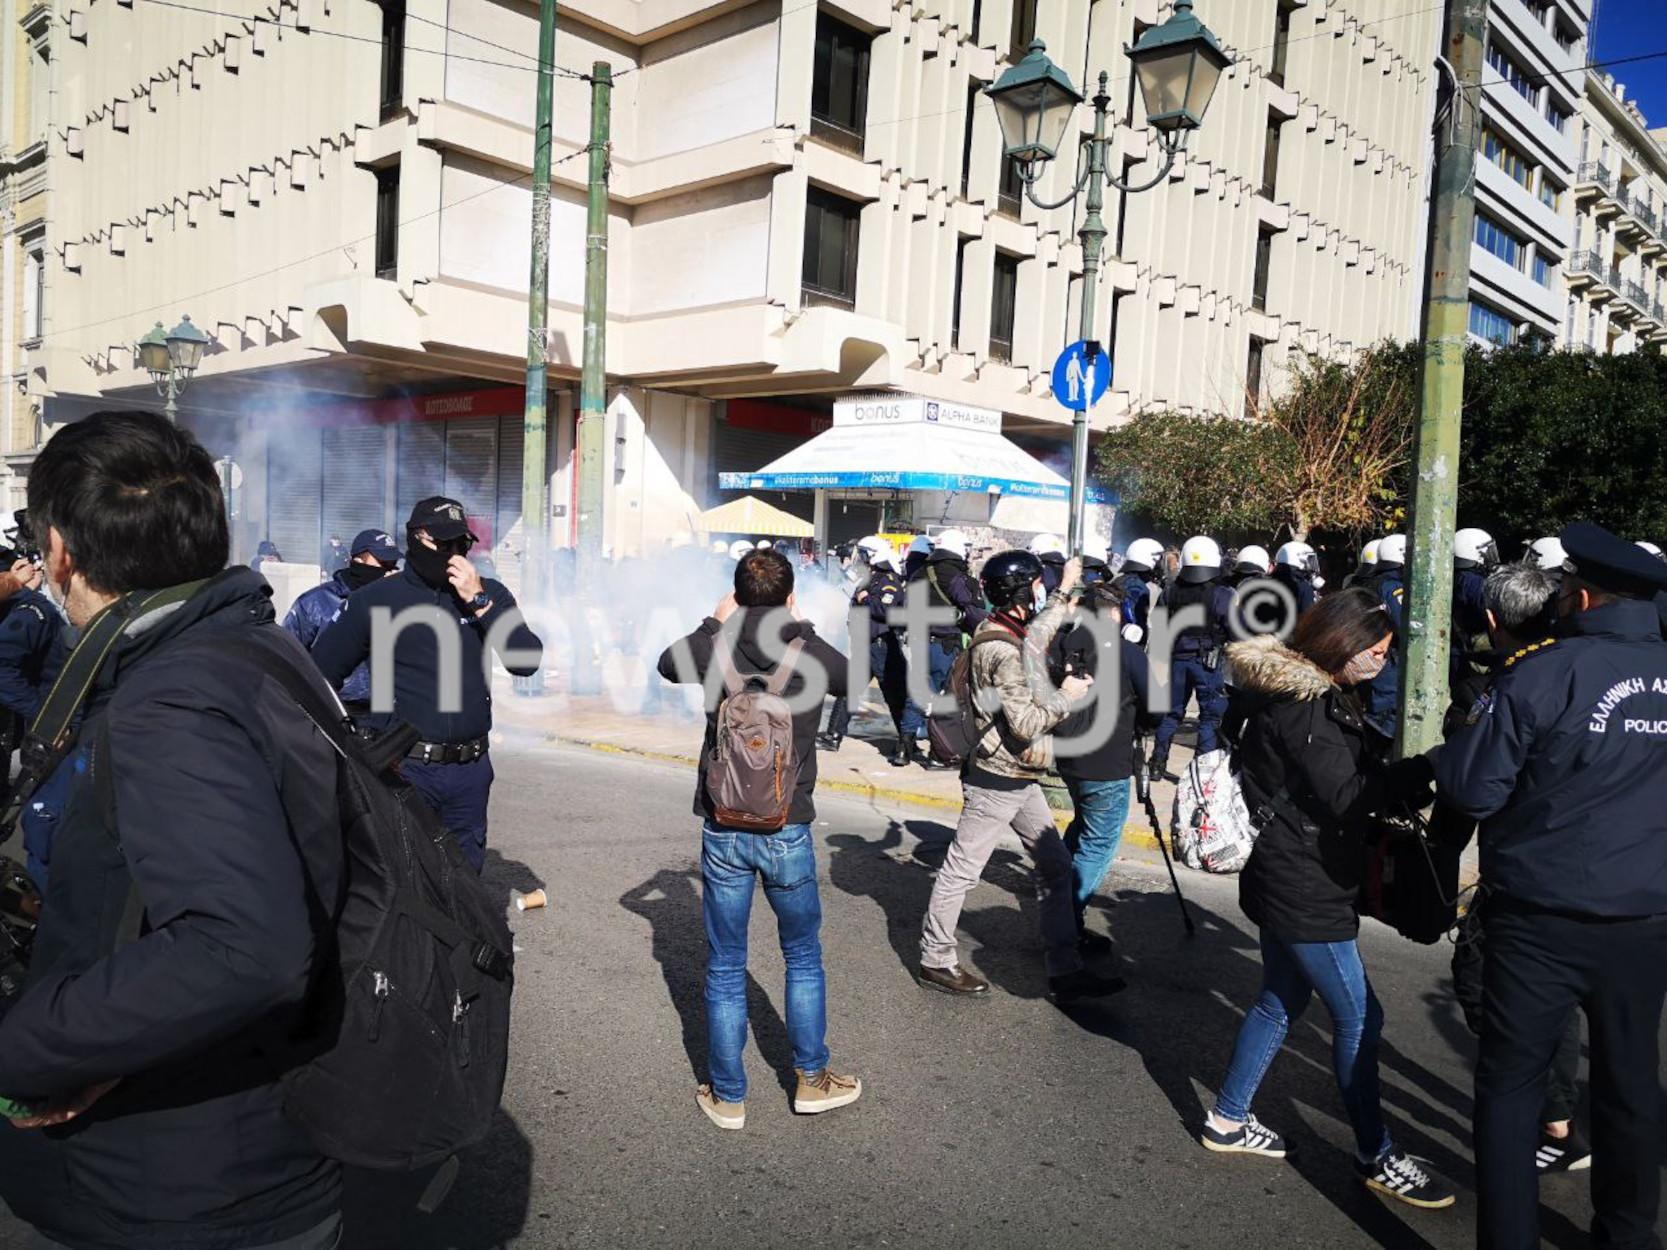 Ένταση με χημικά στο φοιτητικό συλλαλητήριο στην Κοραή (pics, video)